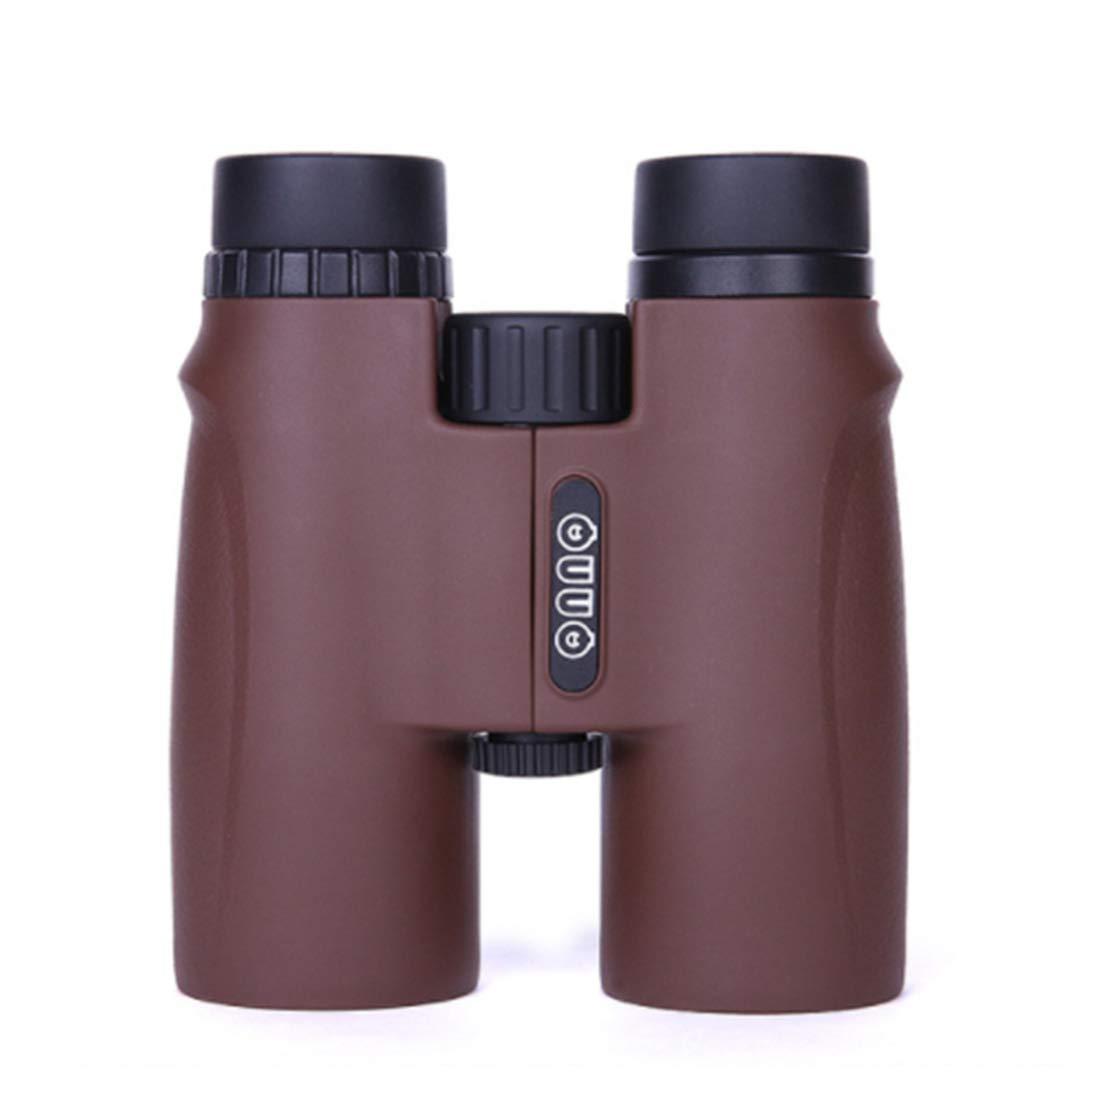 超特価激安 KERVINJESSIE 双眼鏡 窒素充填 防水 HD ポータブル望遠鏡 屋外用  コーヒー B07L8DLYFV, 小さな石屋さん 50977267